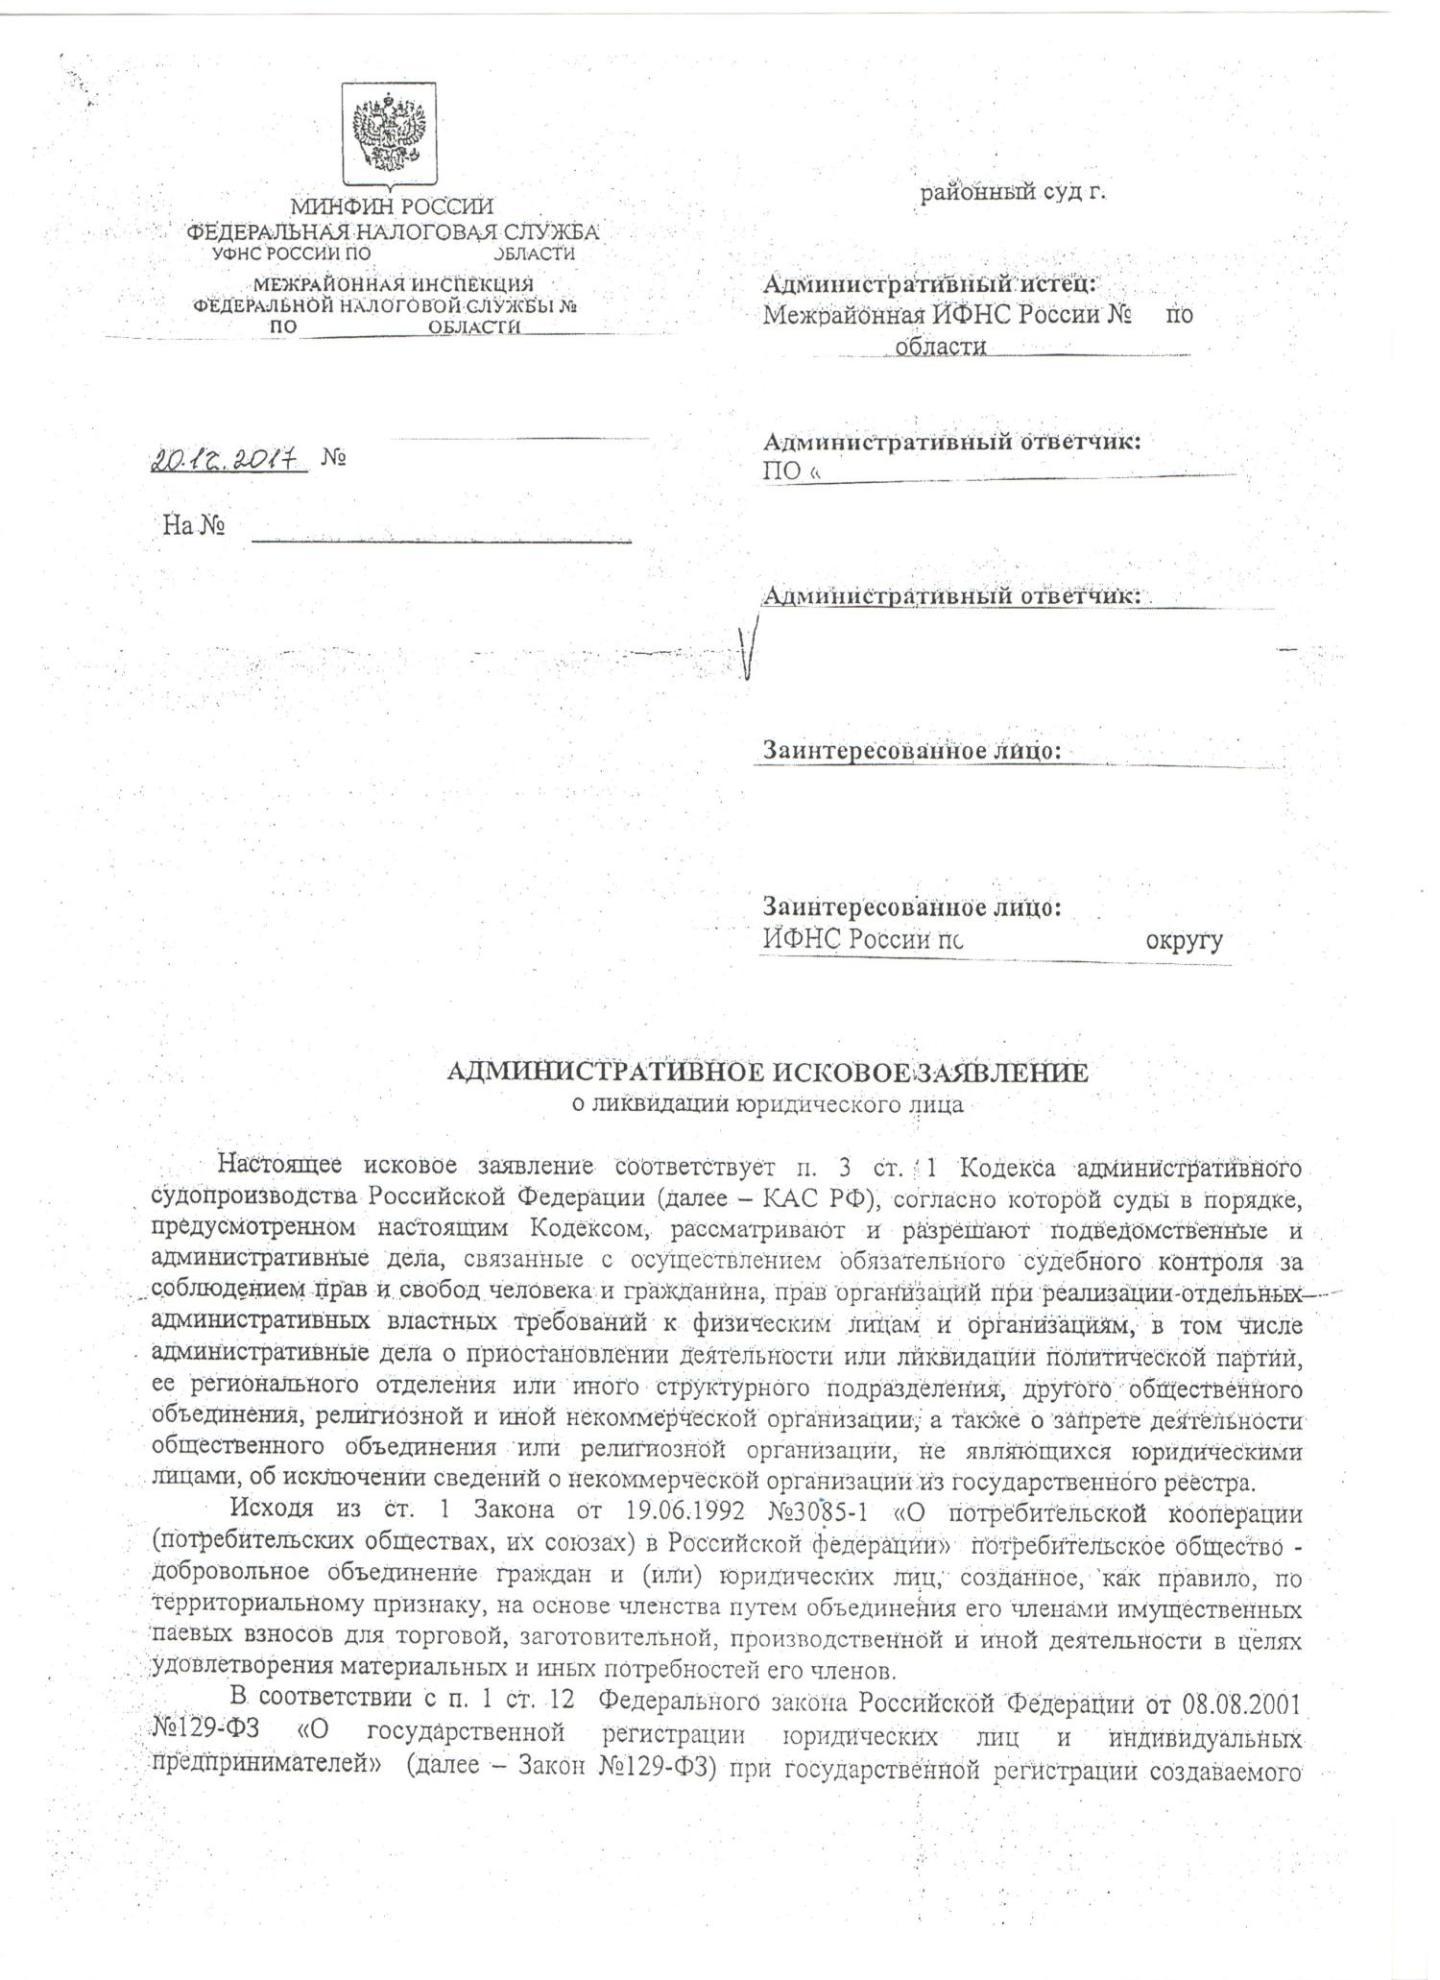 Административное исковое заявление_1